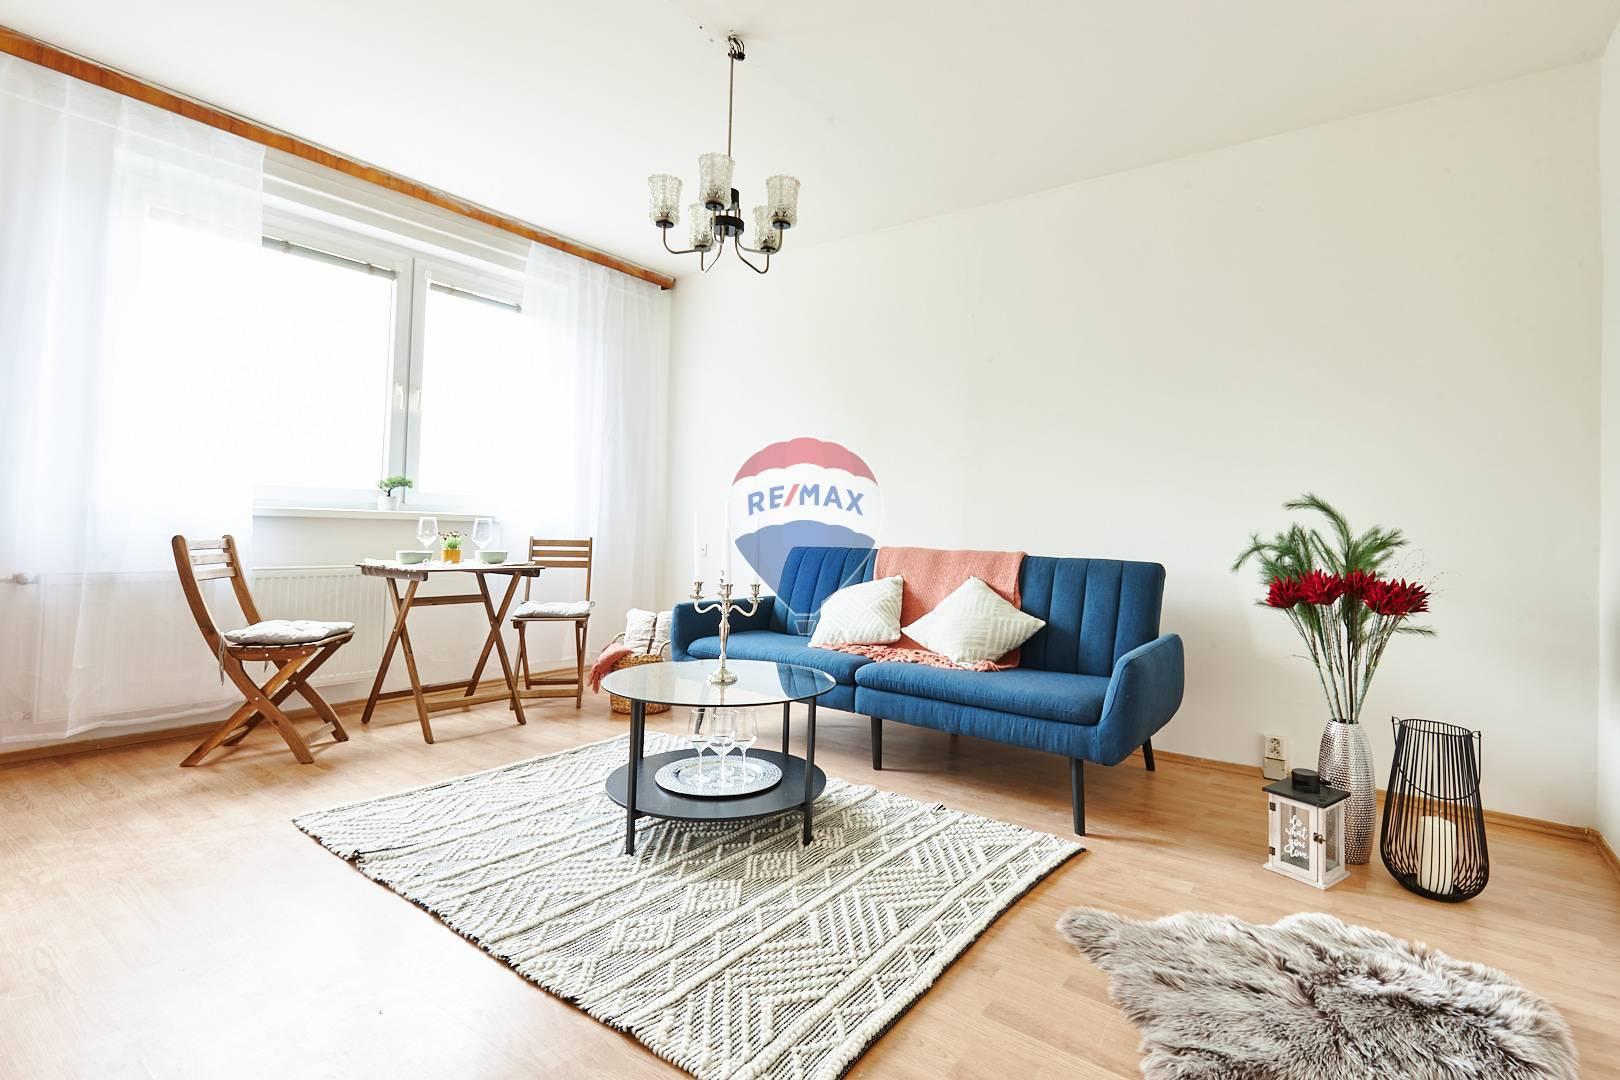 Predaj bytu (3 izbový) 68m2, Tomášiková, Poprad